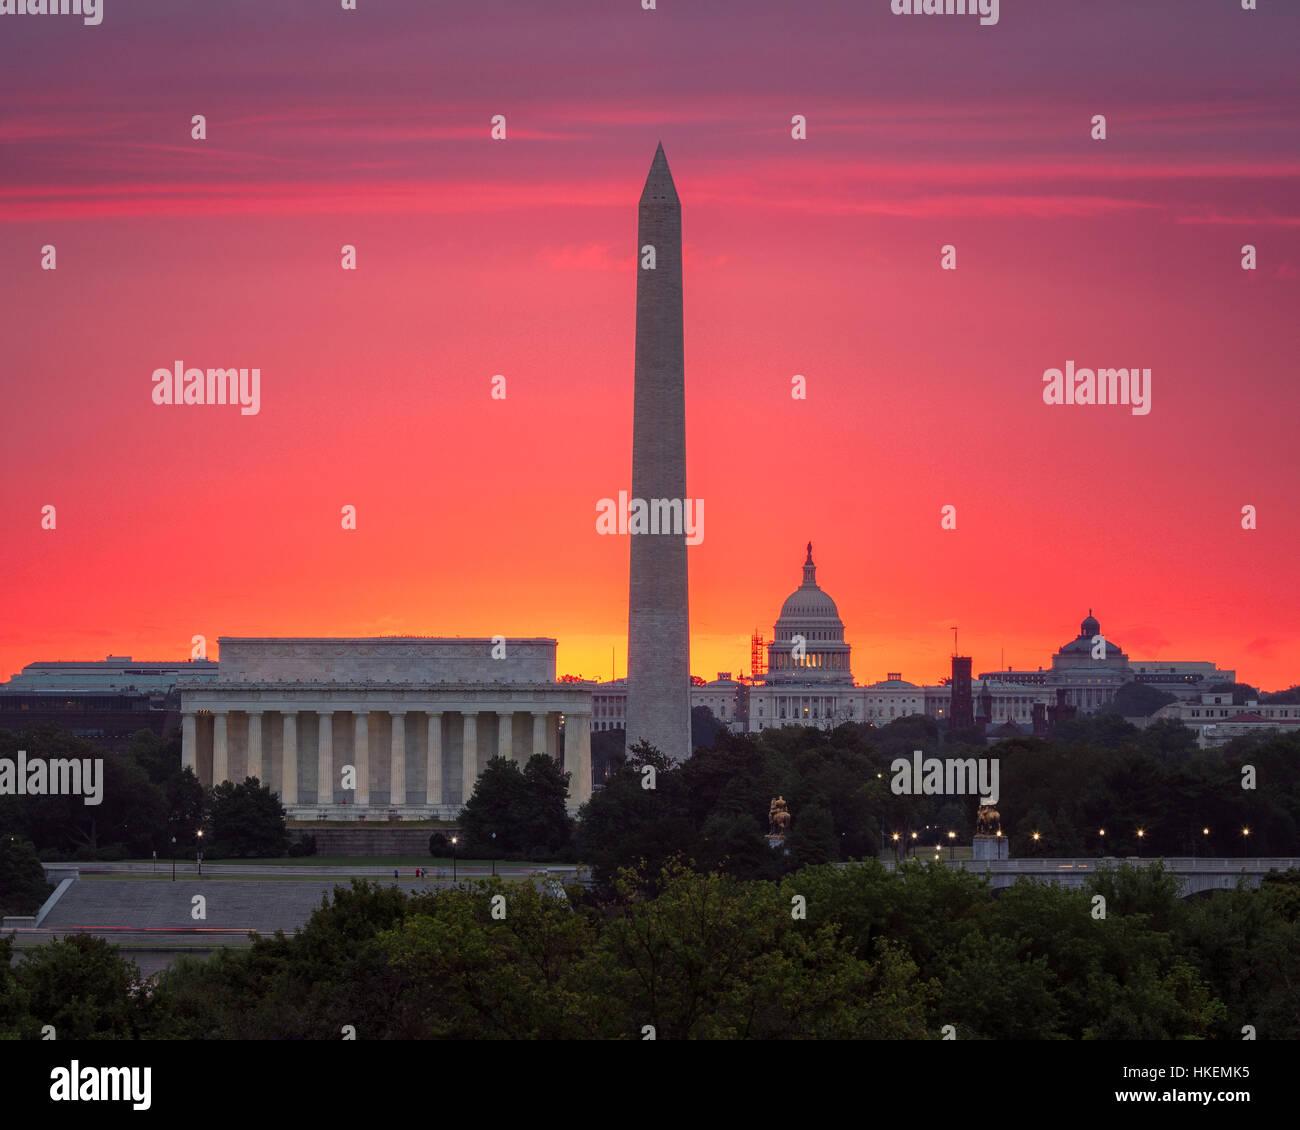 El resplandor de un sol naciente detrás del Capitolio Foto de stock